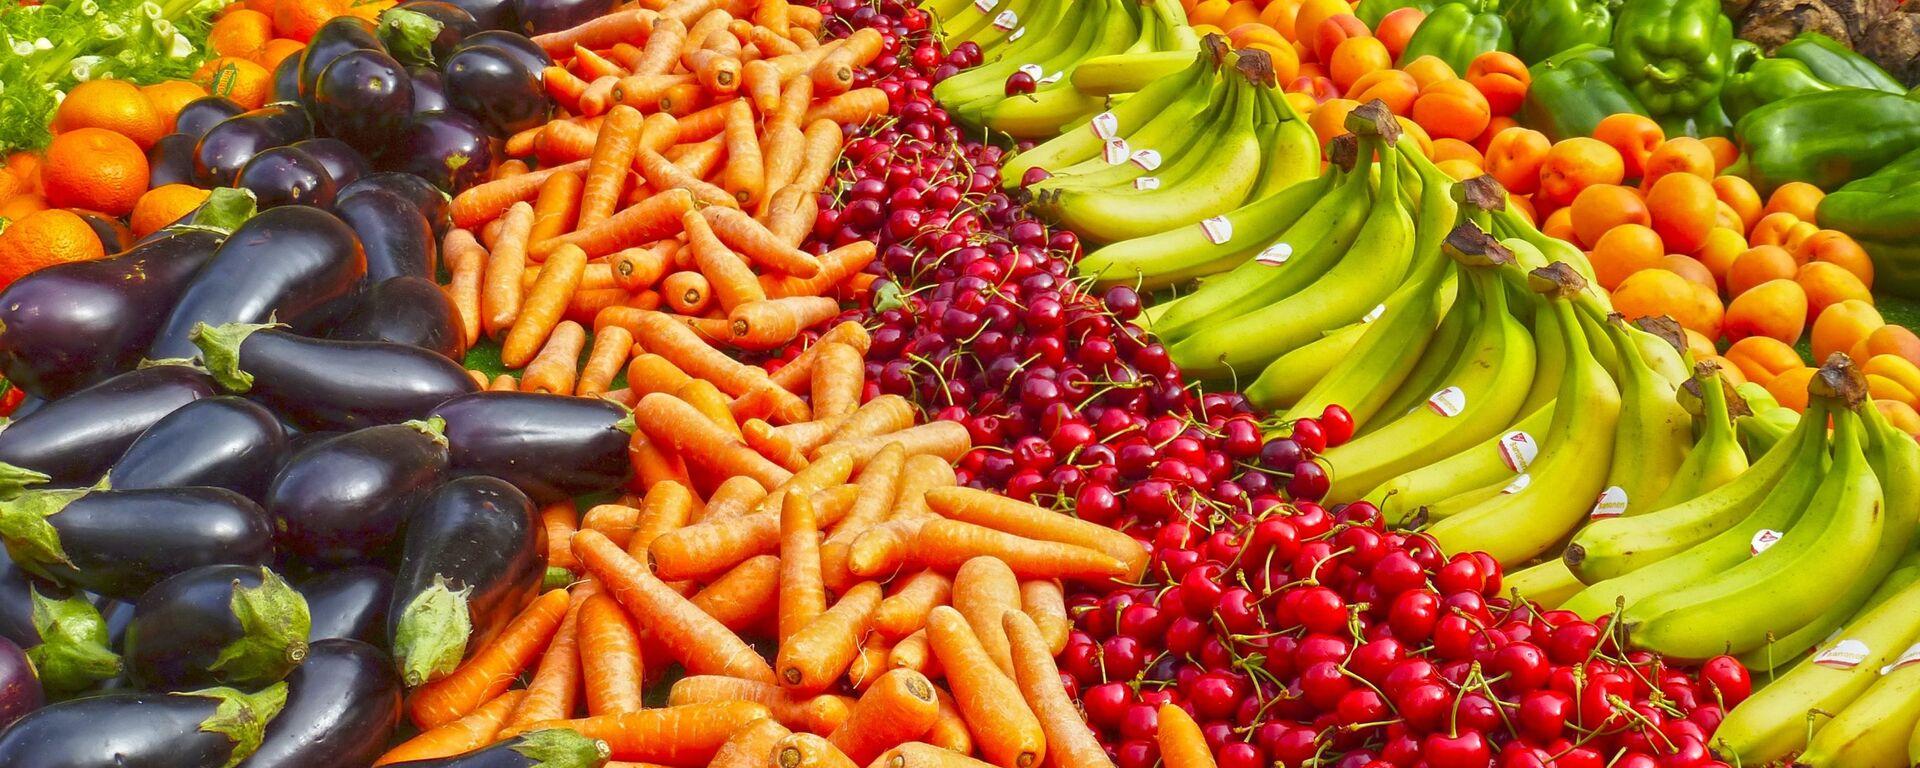 Frutas y hortalizas (imagen referencial) - Sputnik Mundo, 1920, 02.03.2021